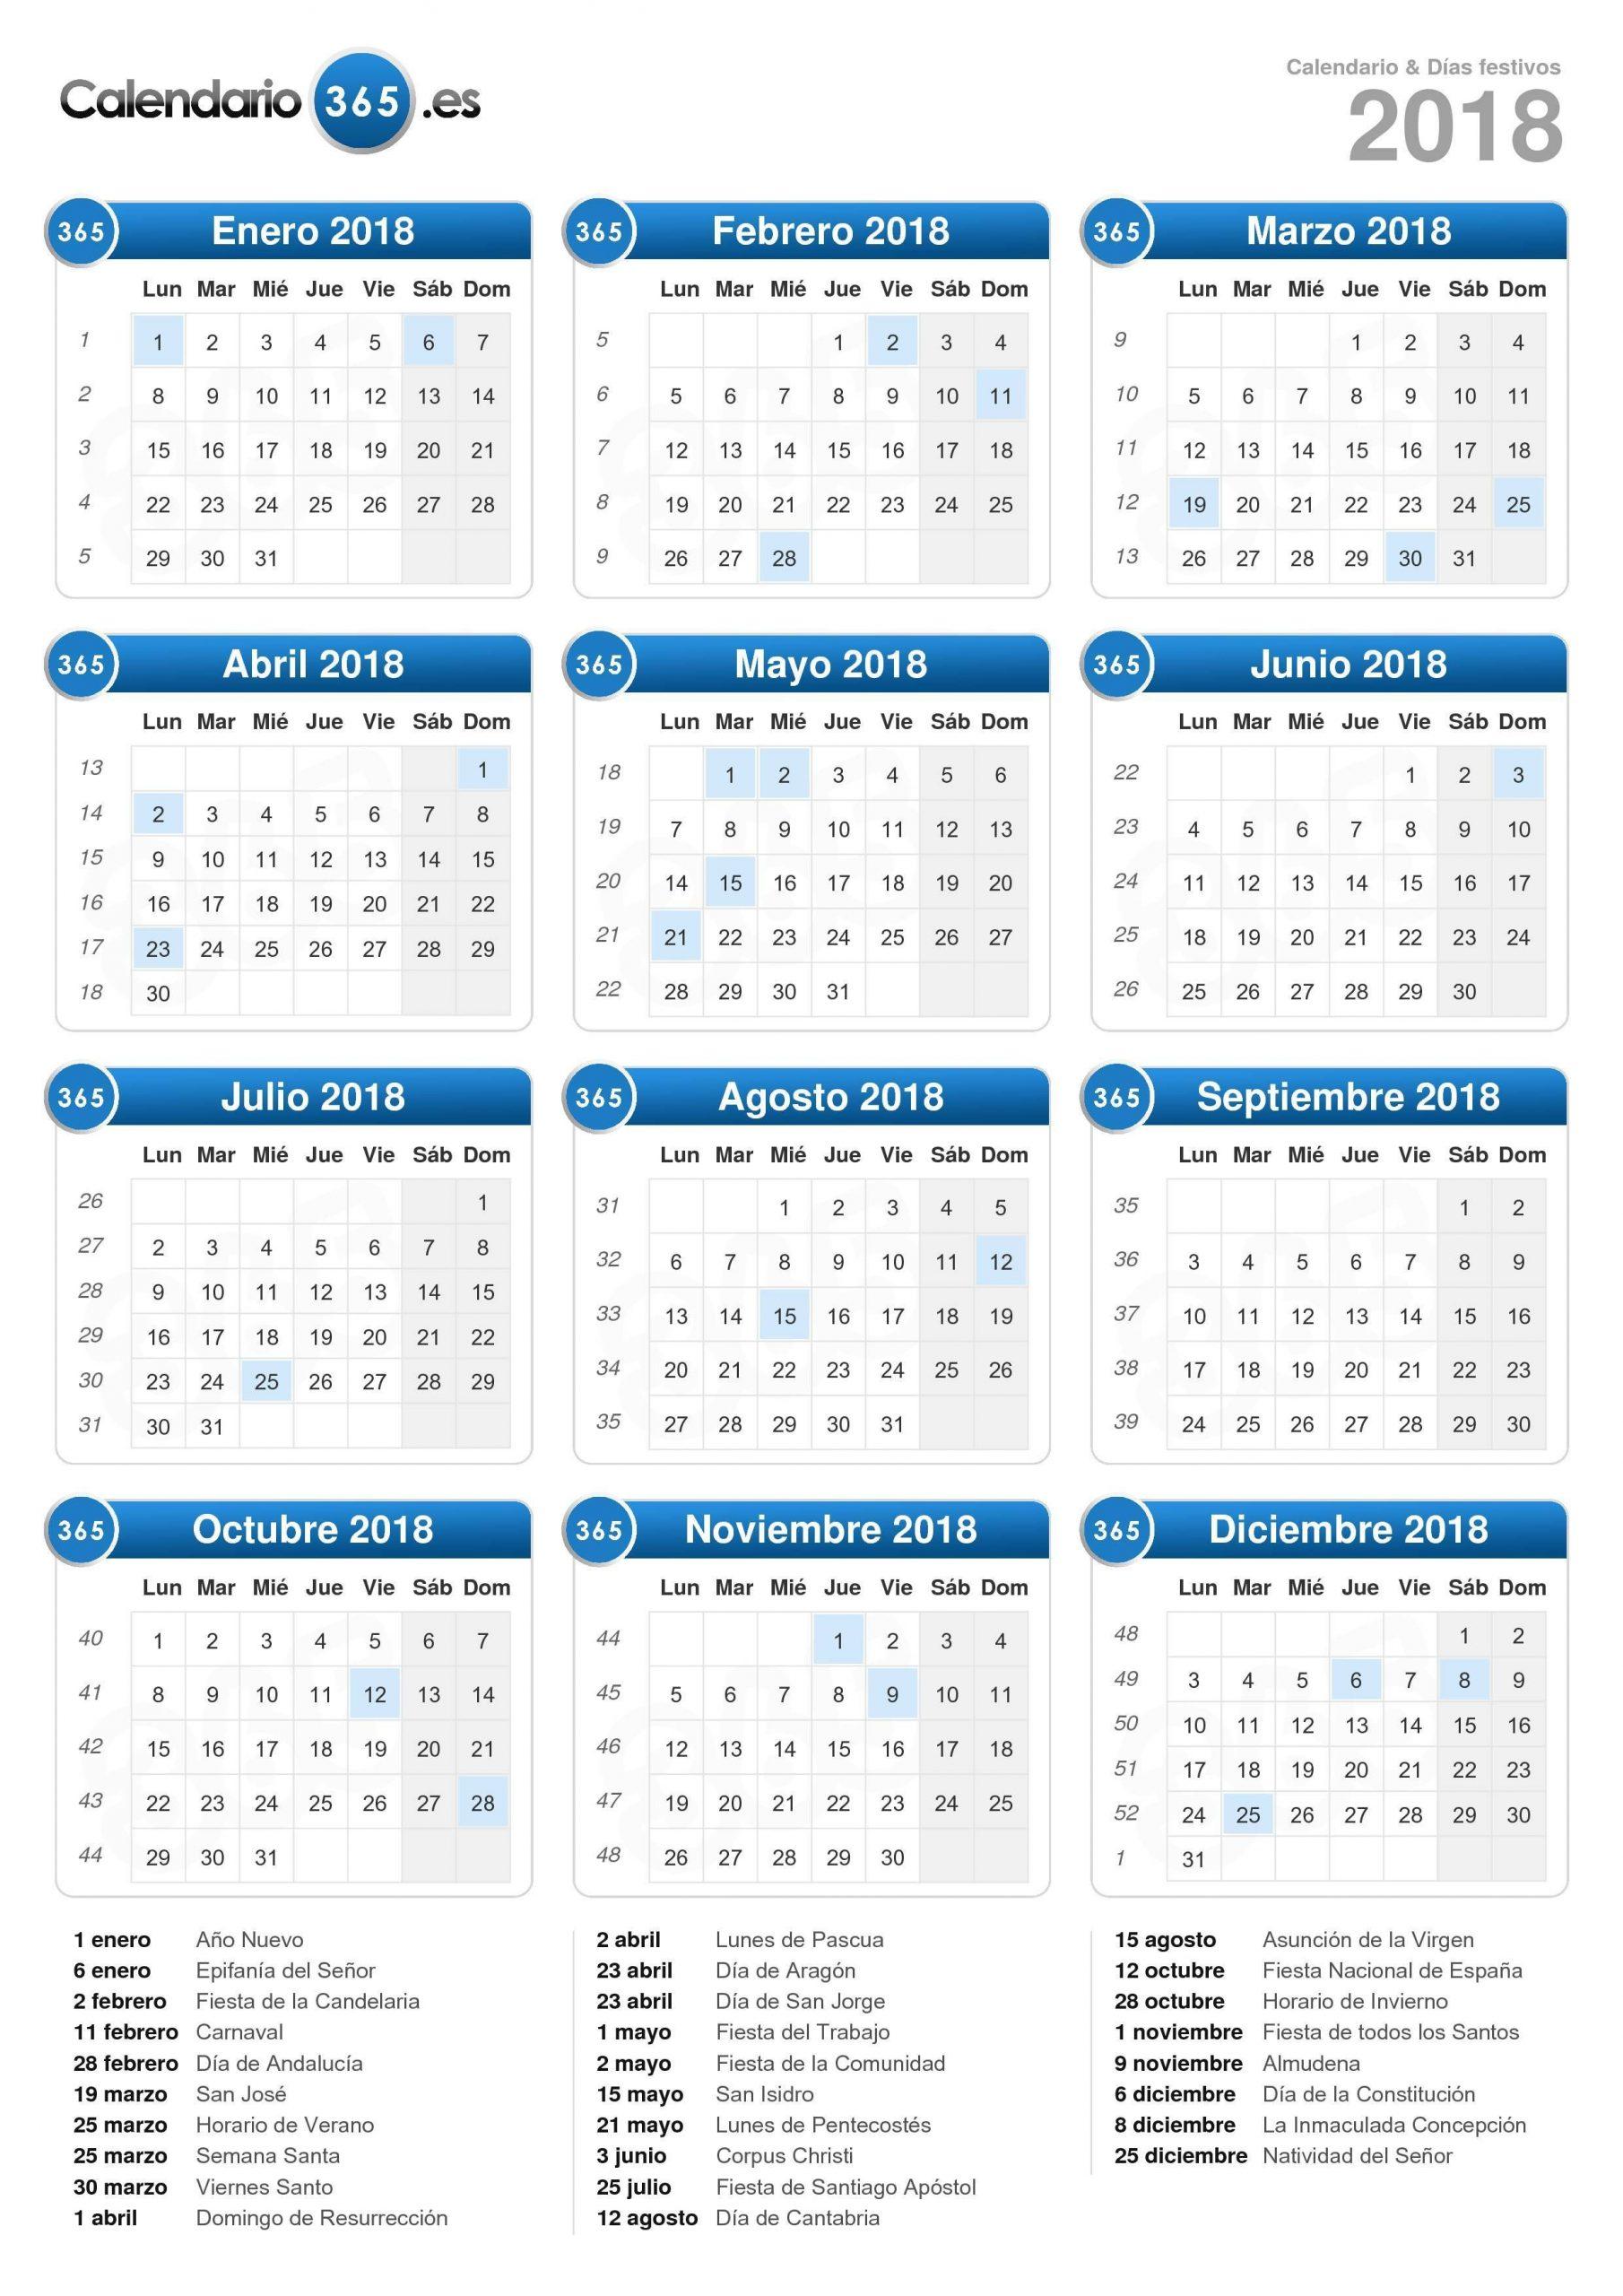 Calendario 2018 (Formato Vertical) | Calendario 2018